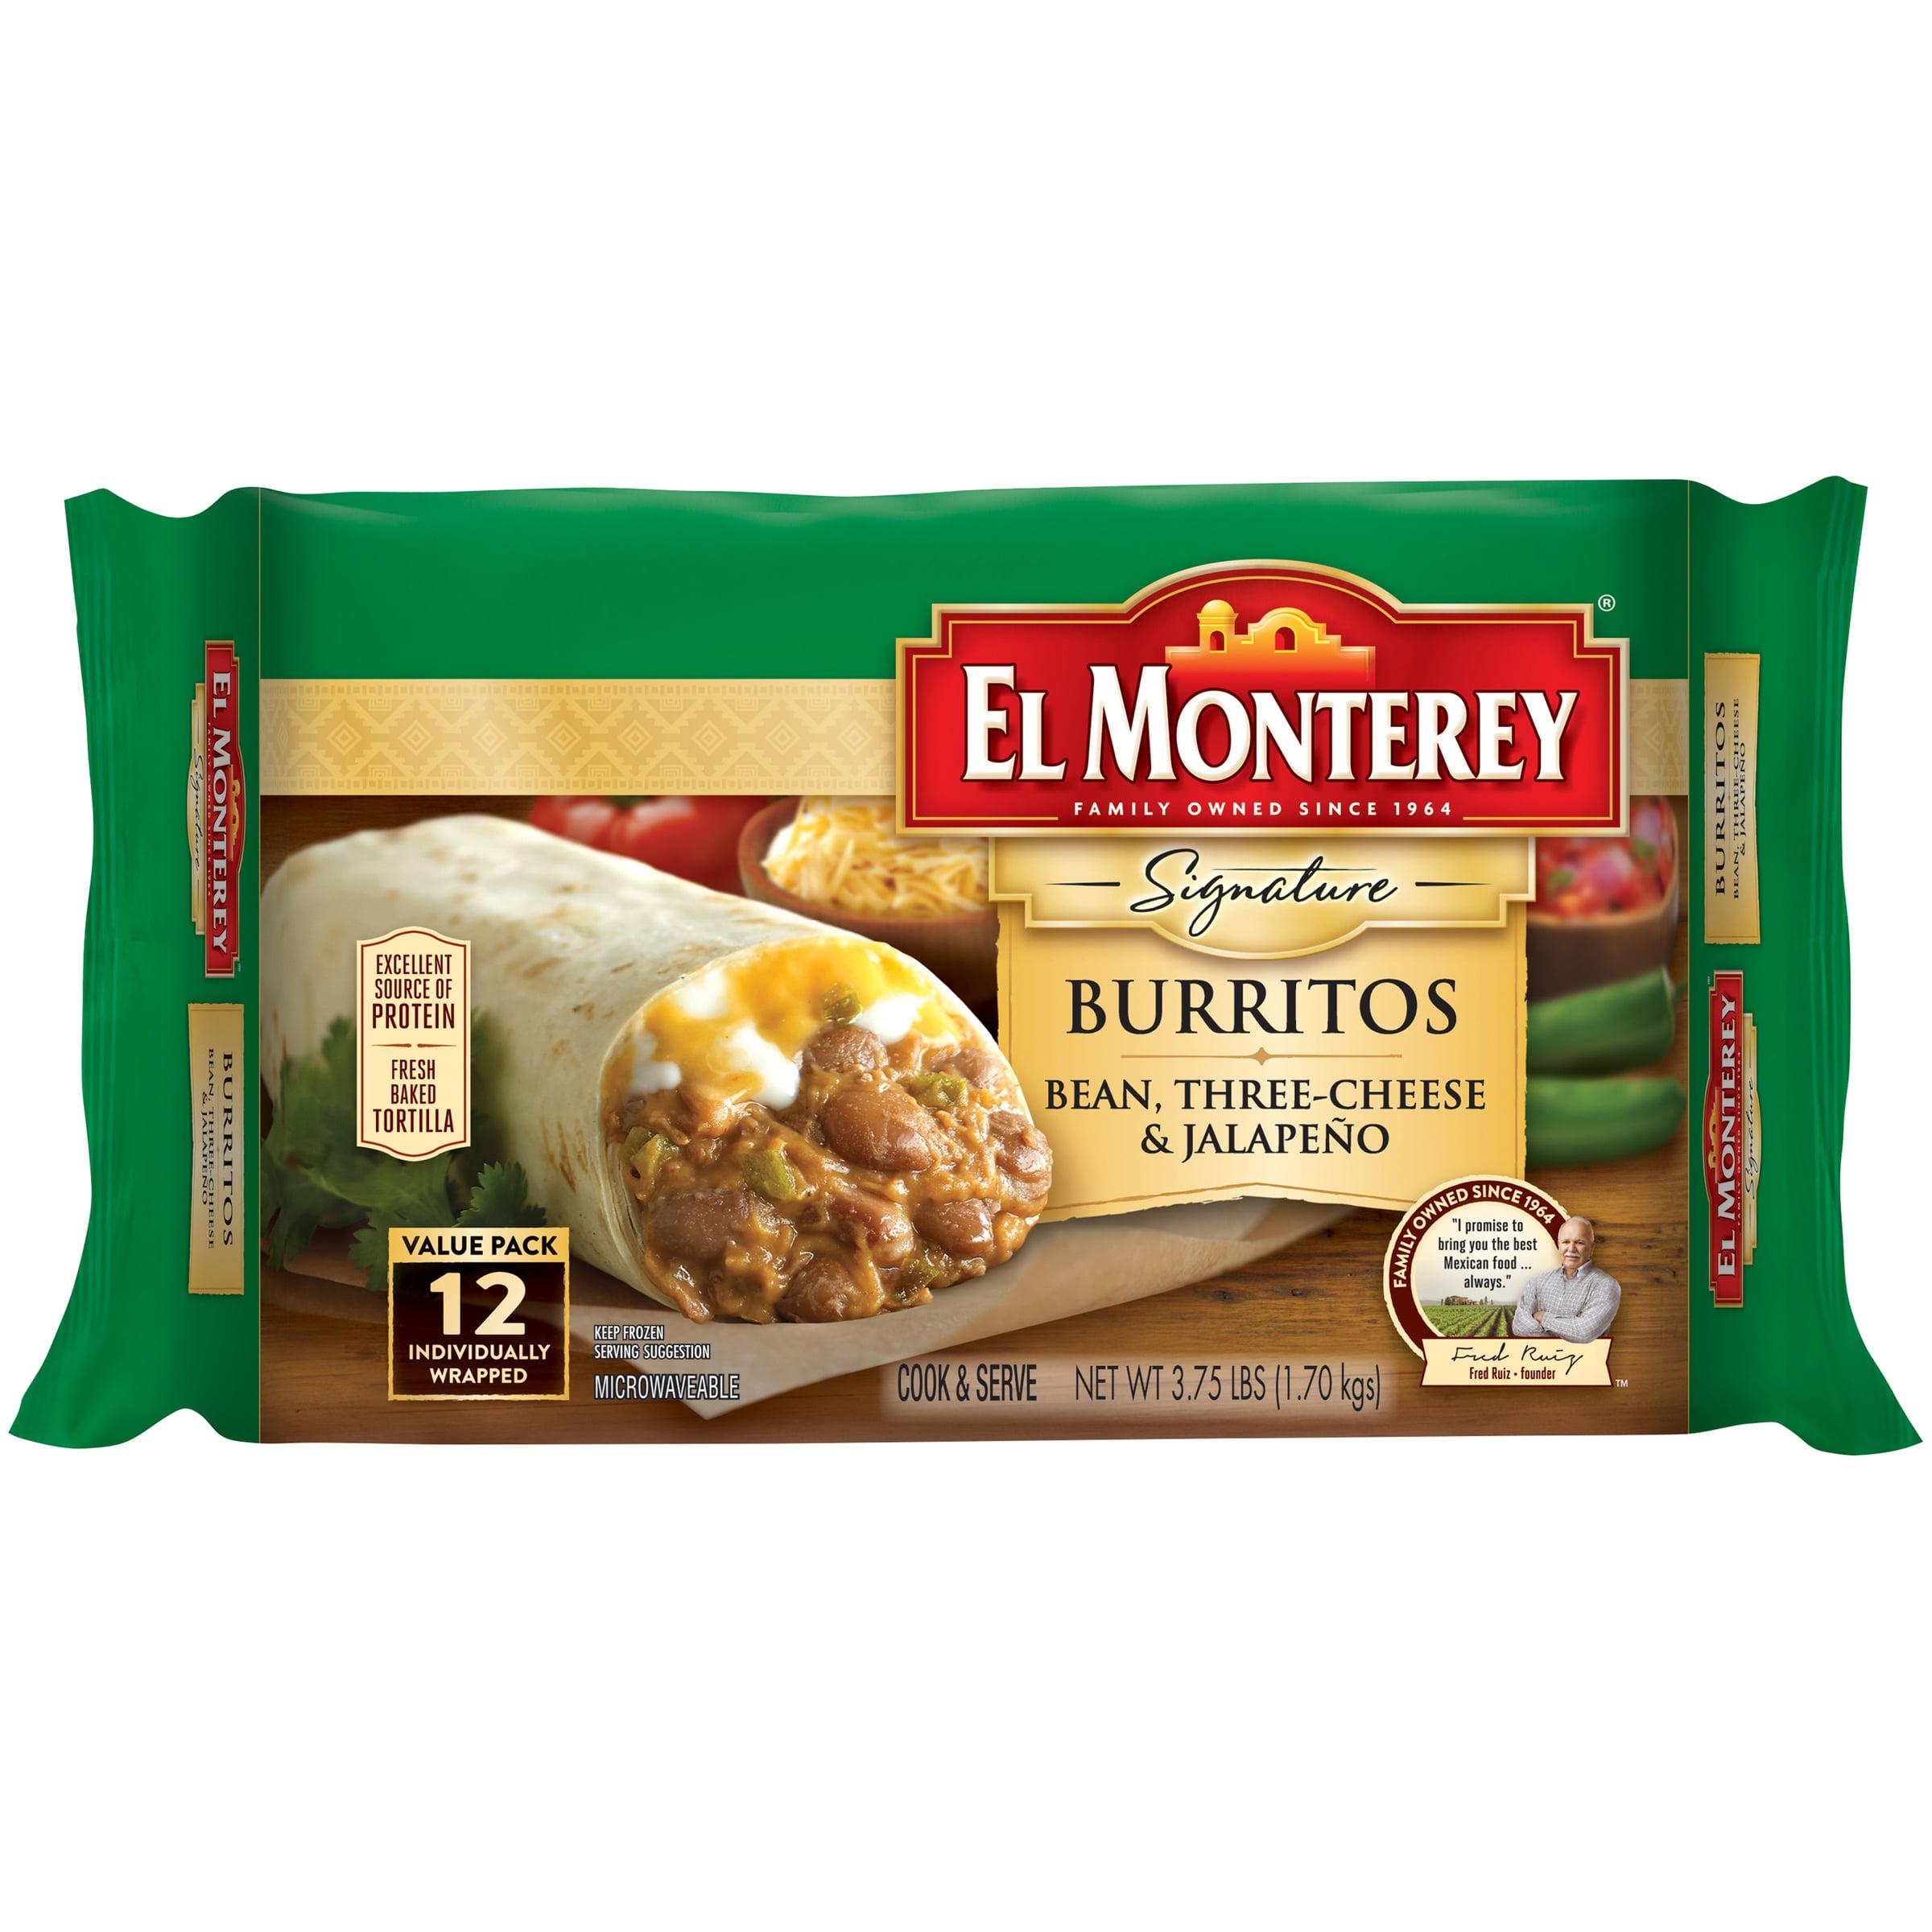 El Monterey® Signature Bean Three-Cheese & Jalapeño Burritos 12 ct Bag